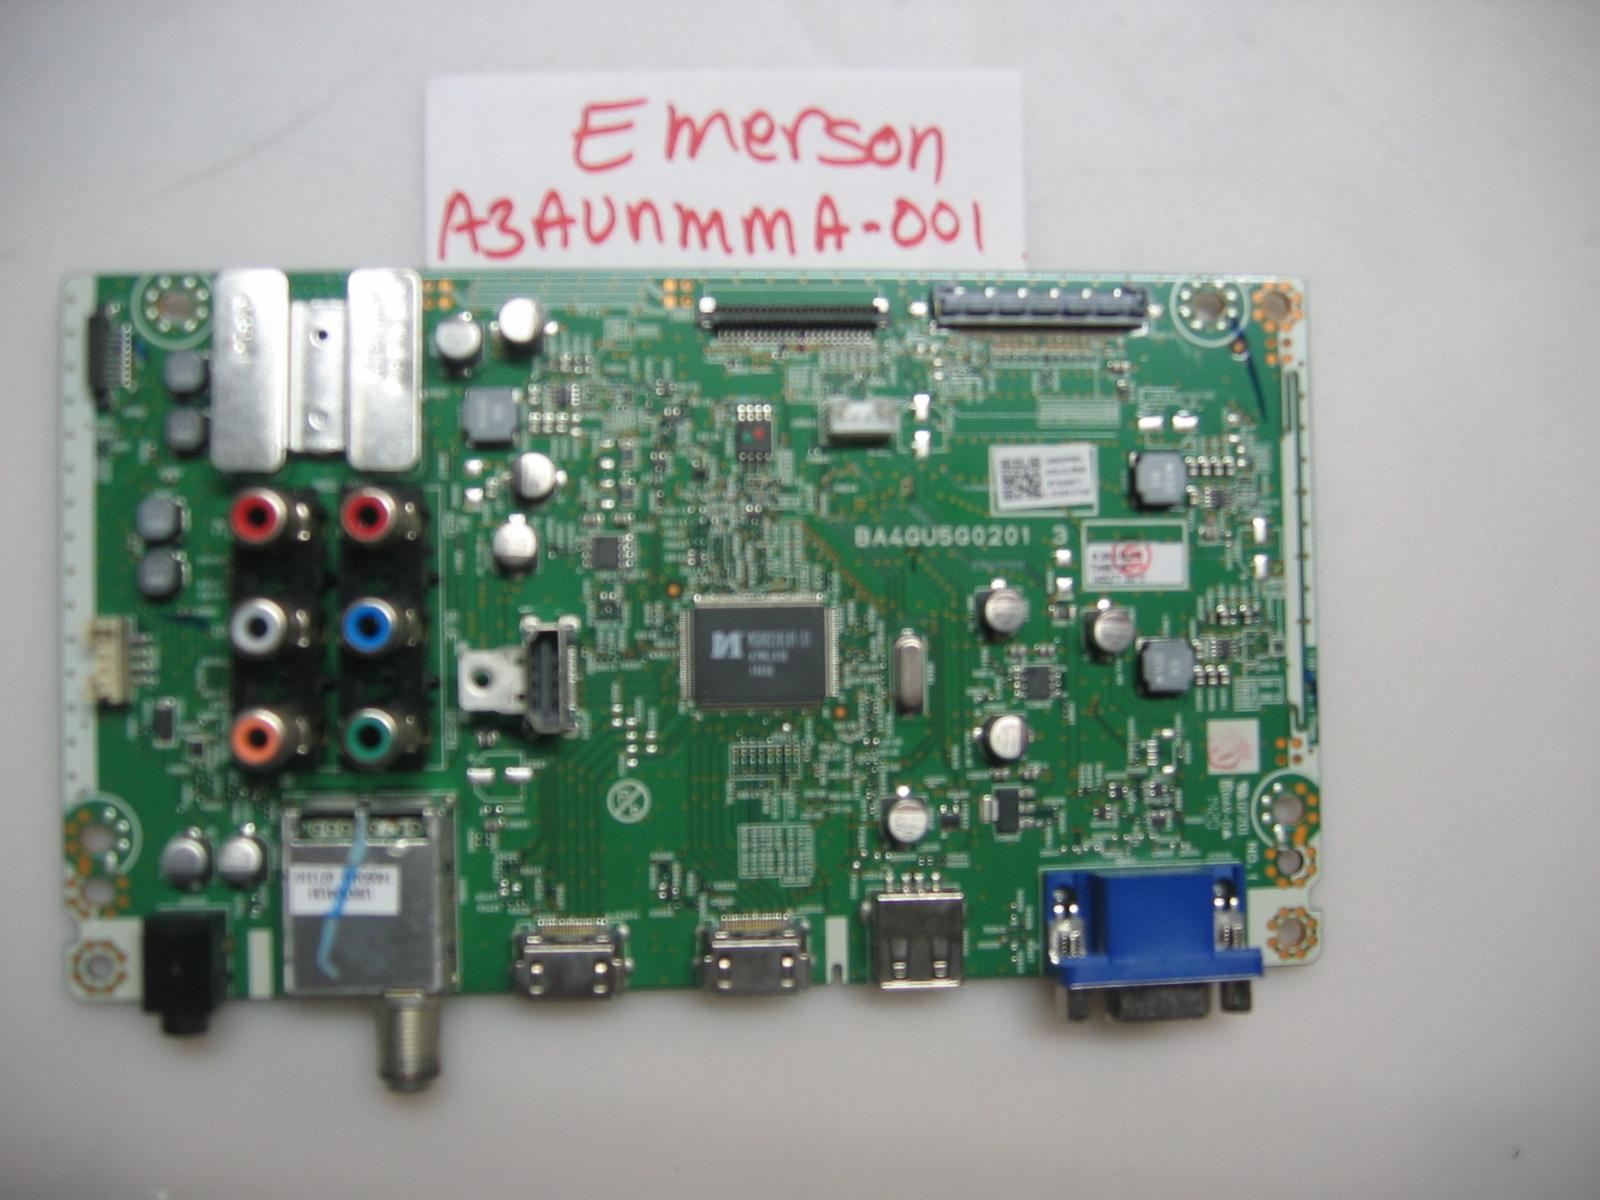 Emerson A3AUNMMA-001 Main Board  - $89.95